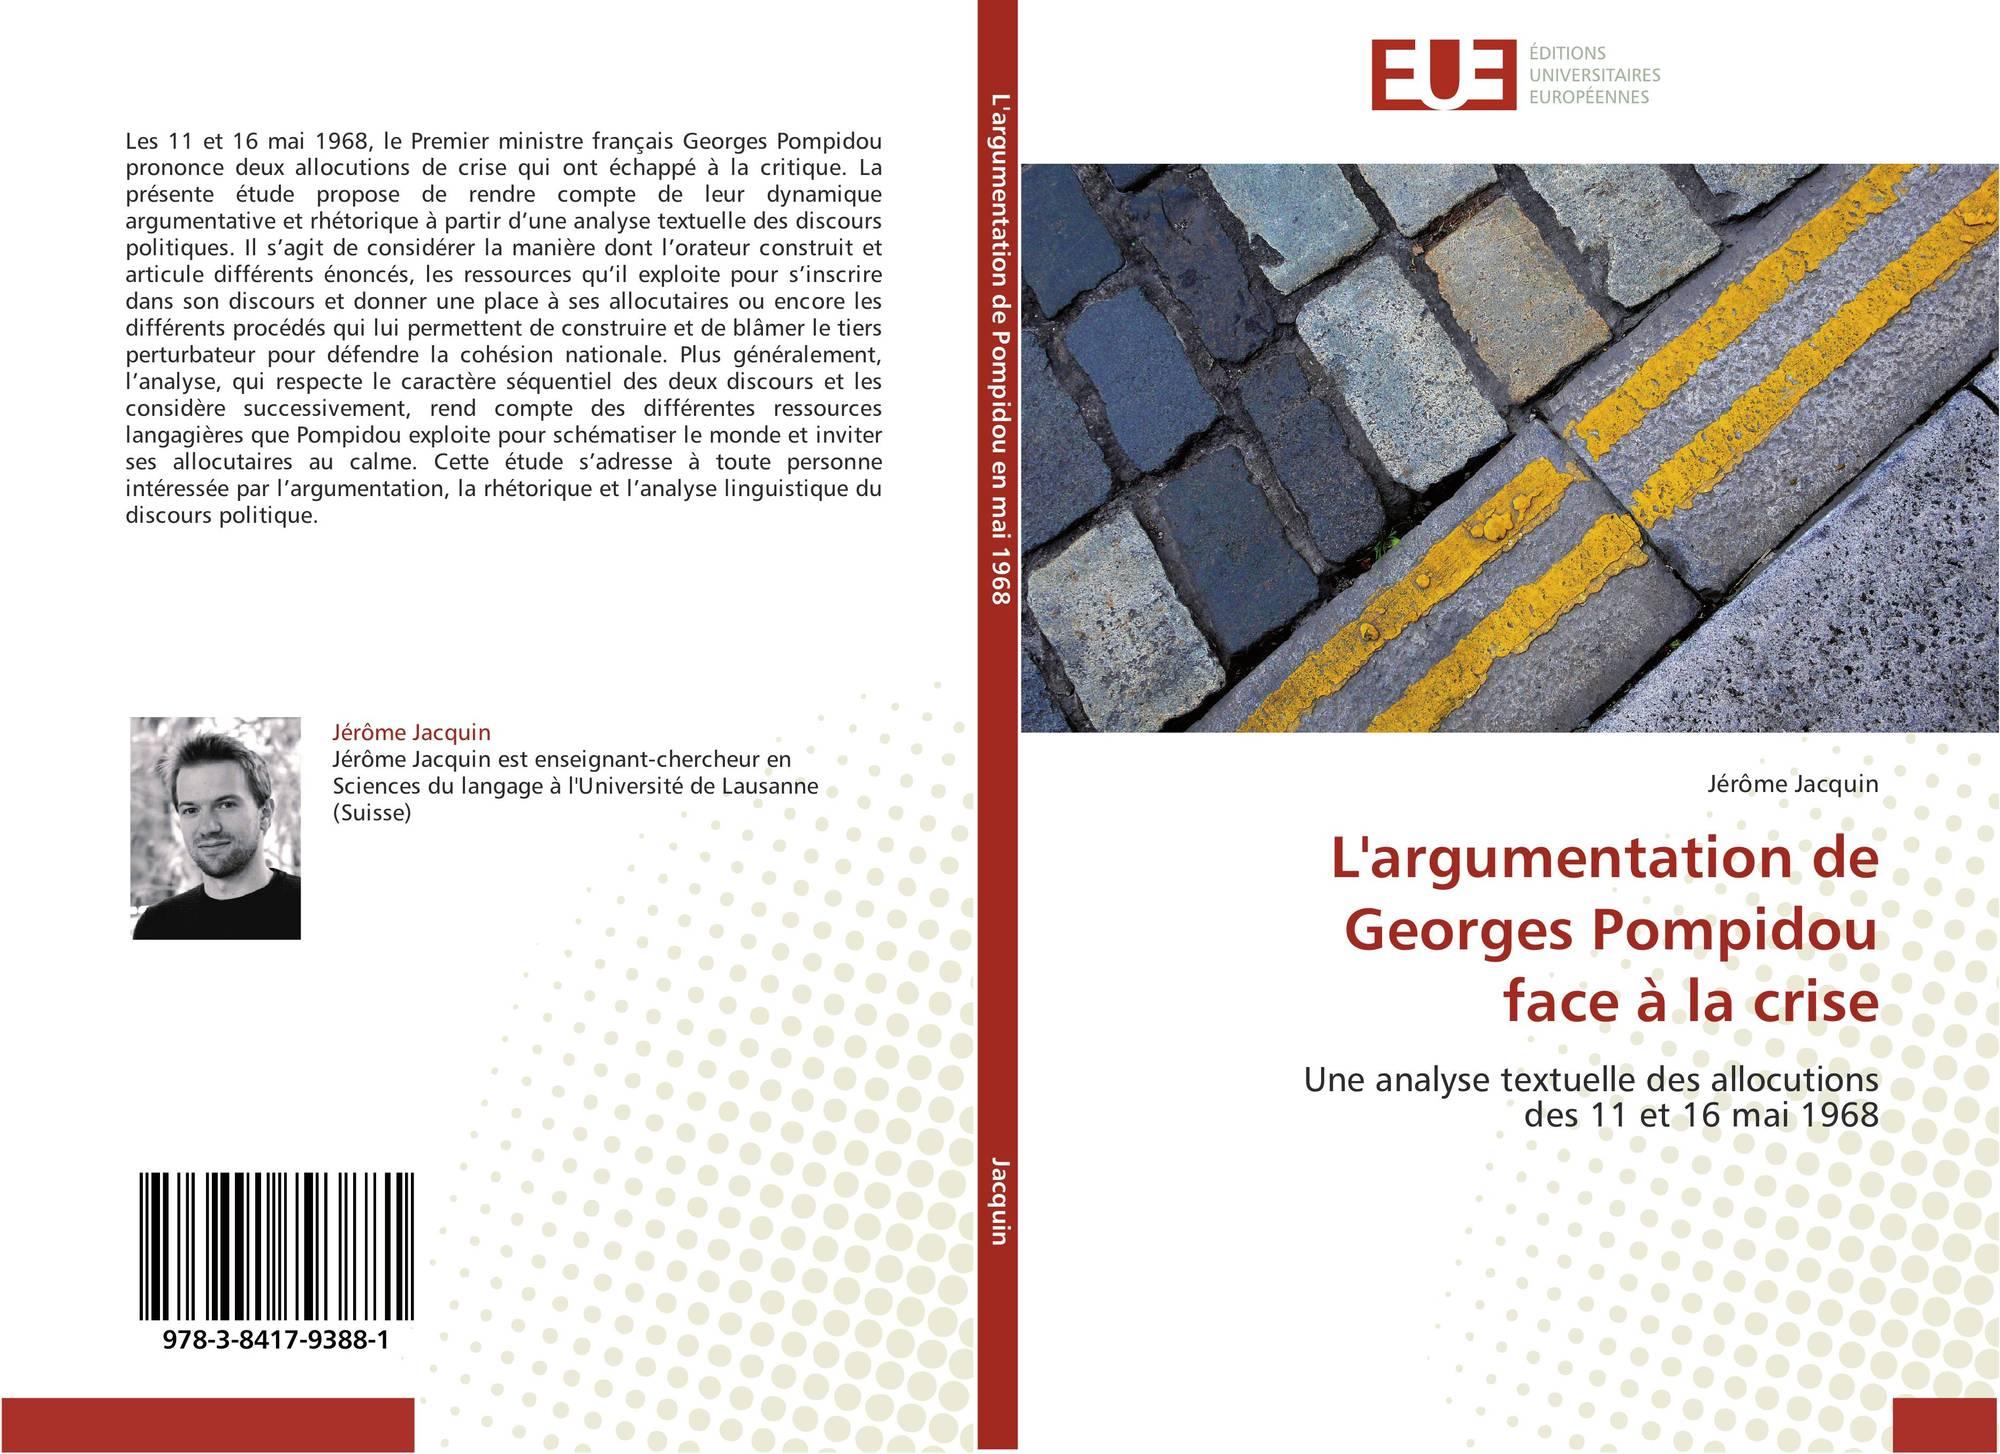 L'argumentation de Georges Pompidou  face à la crise